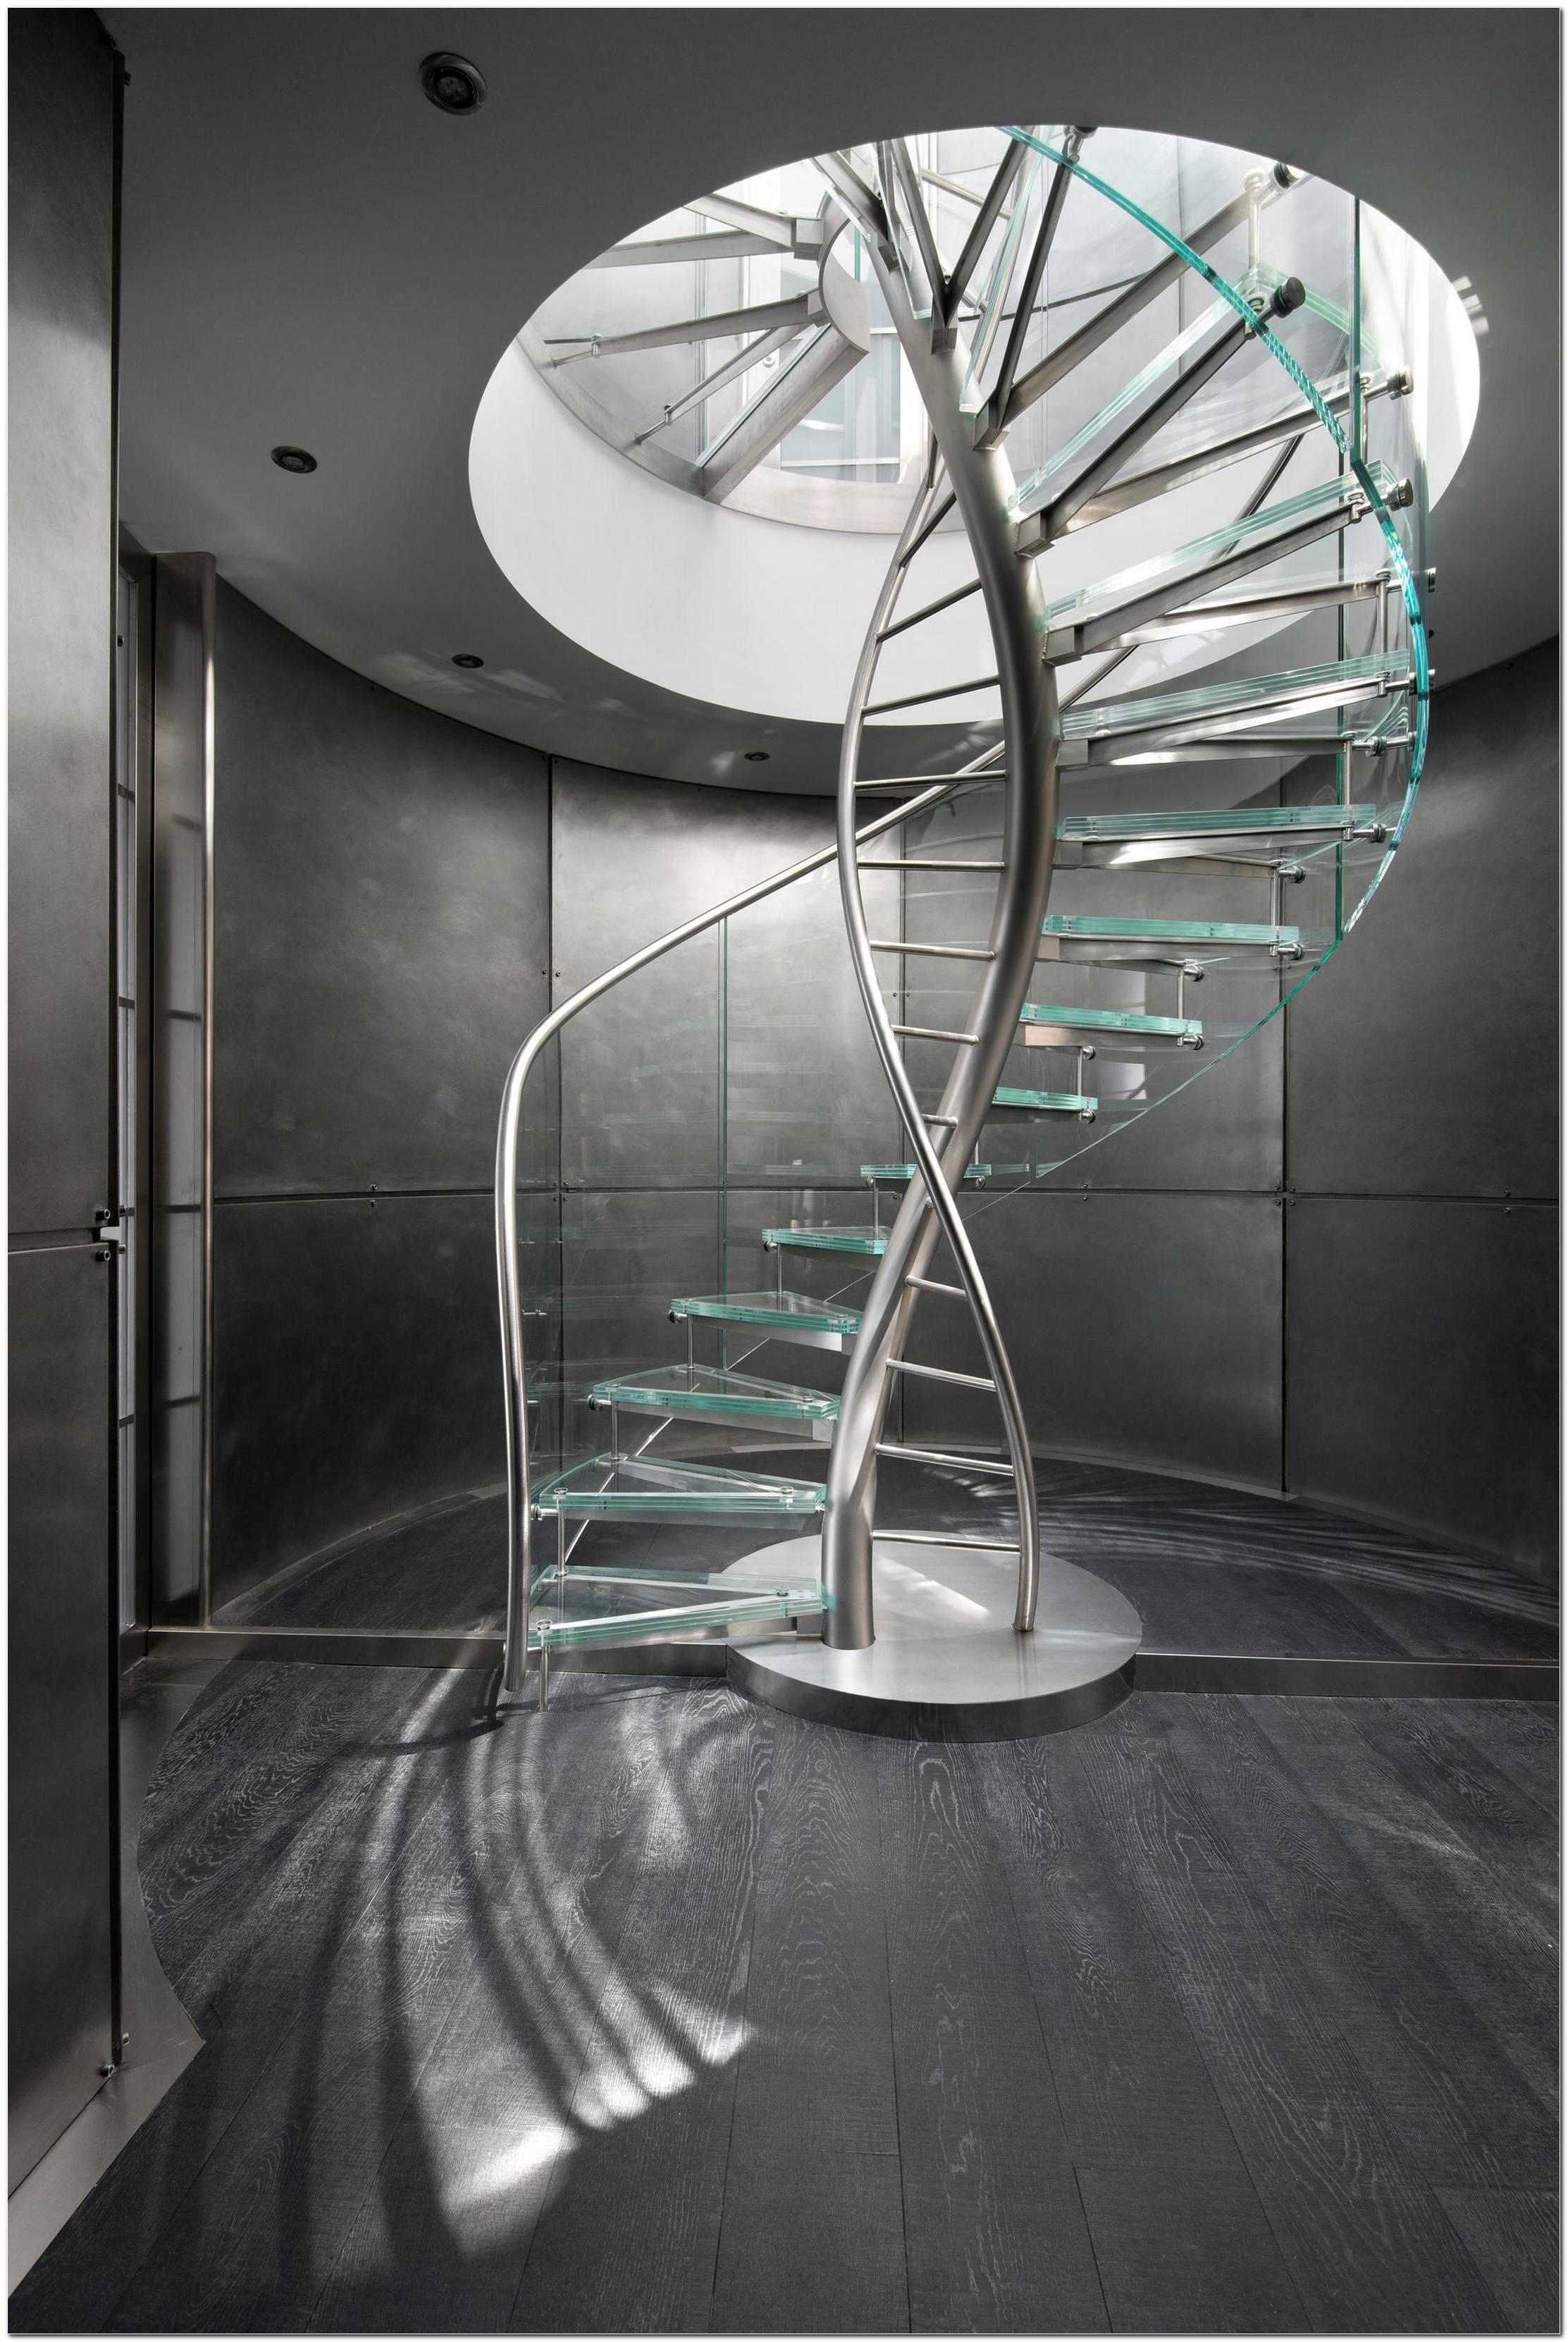 Escada De Vidro Preços Modelos E Vantagens E Desvantagens